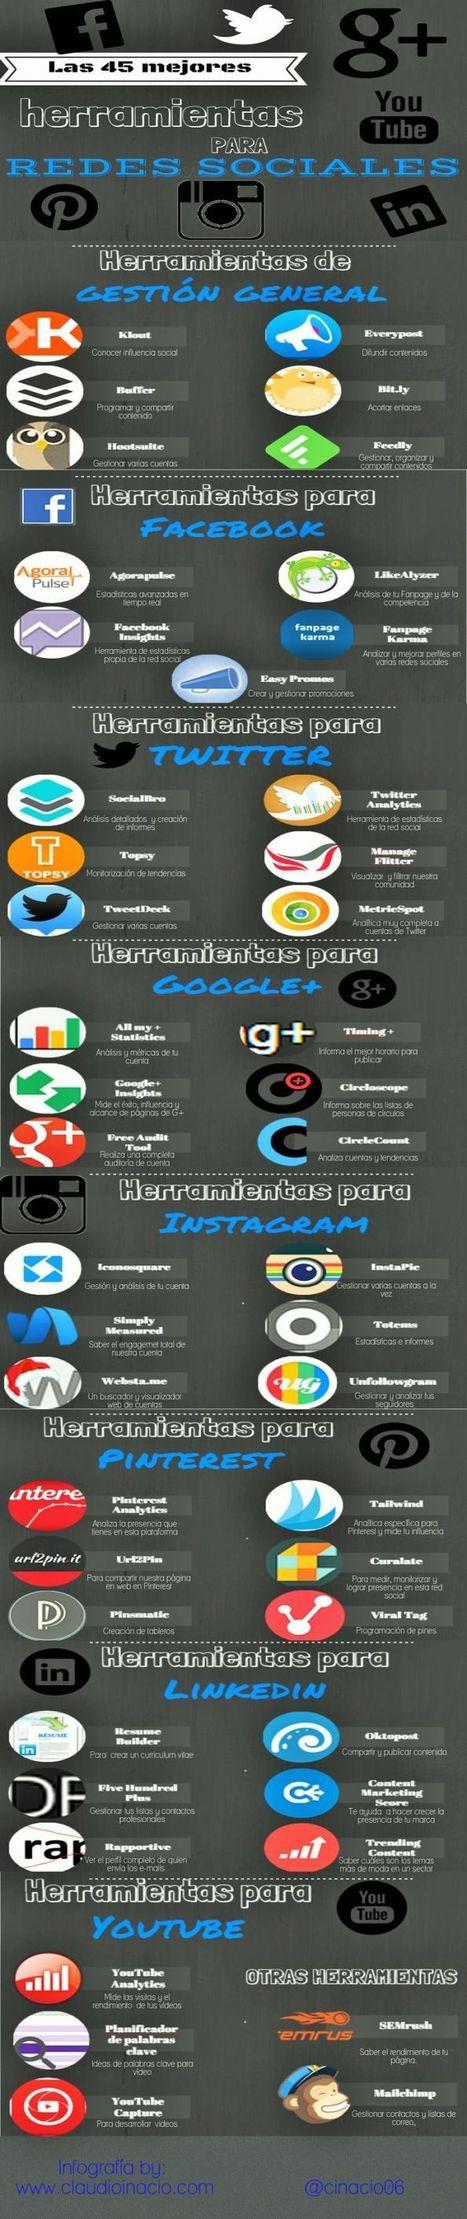 Las mejores 45 herramientas para social media | infografiando | Scoop.it